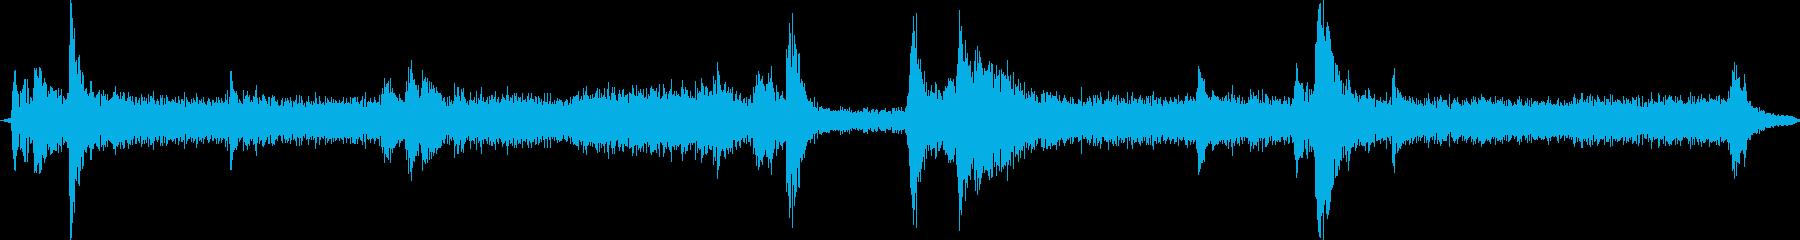 X線装置1;小型の小型X線装置、中...の再生済みの波形